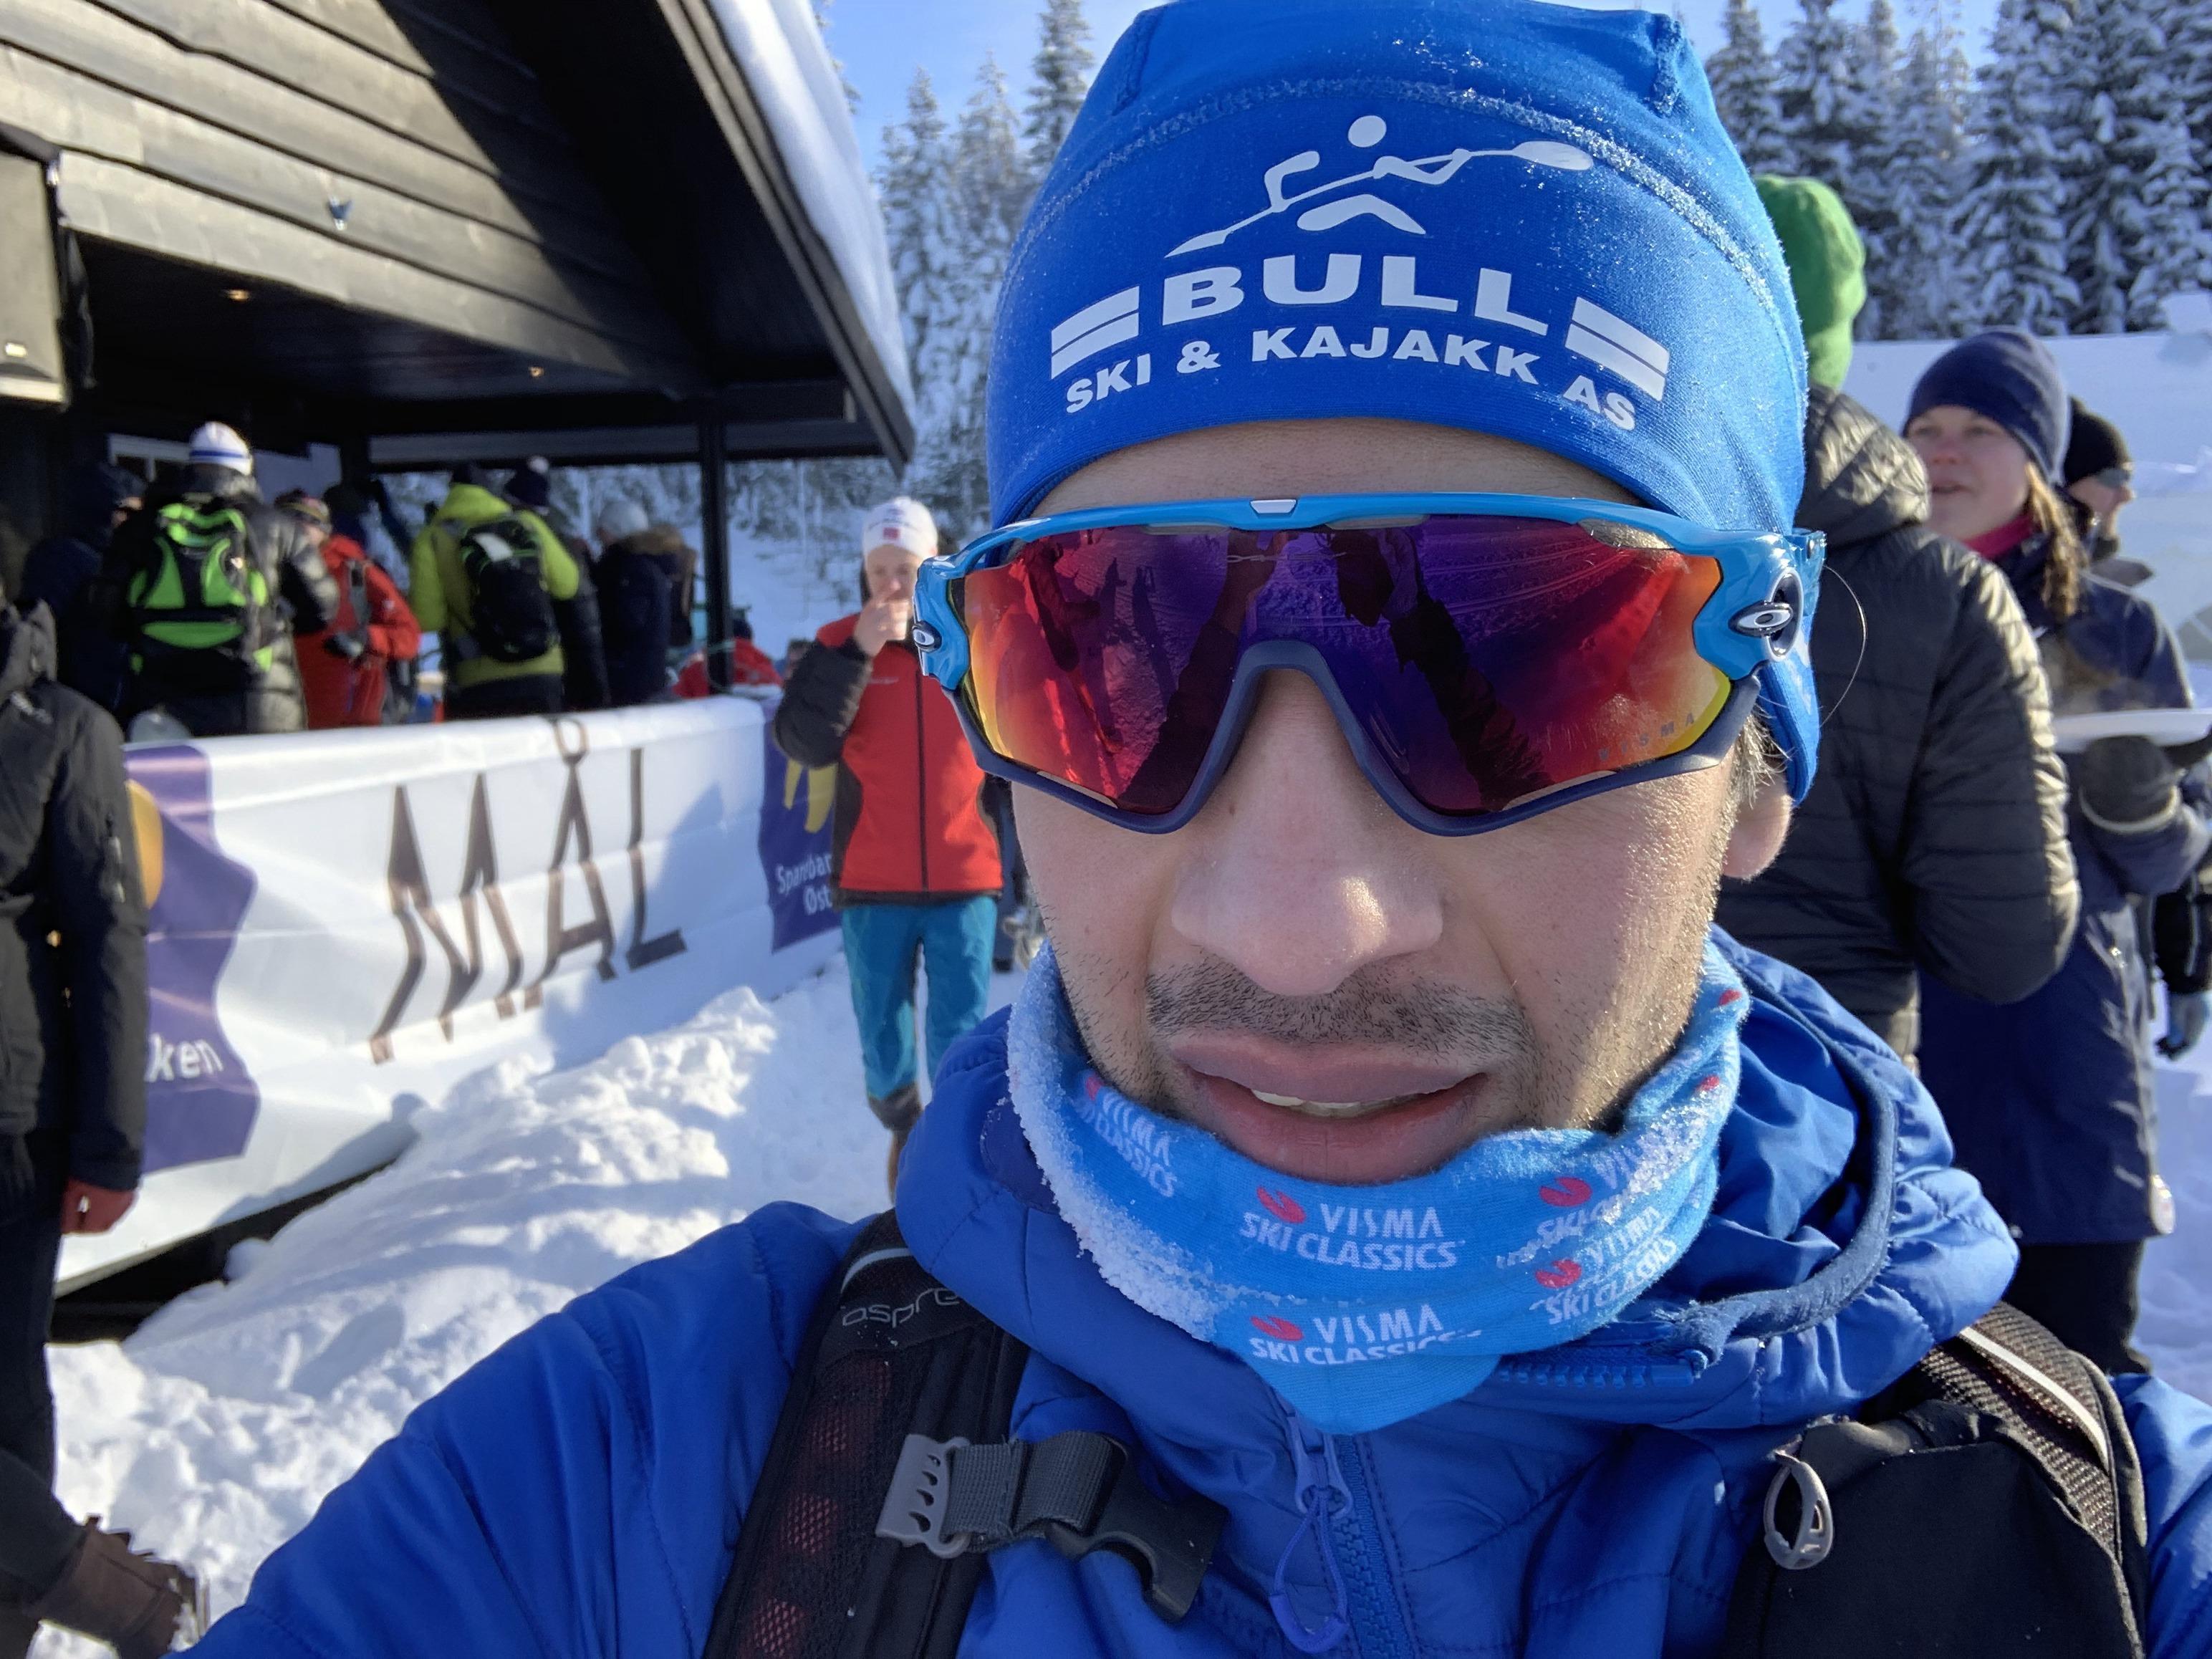 Rennrapport: Thorleif Haugs Minneløp (Hauern) 2019